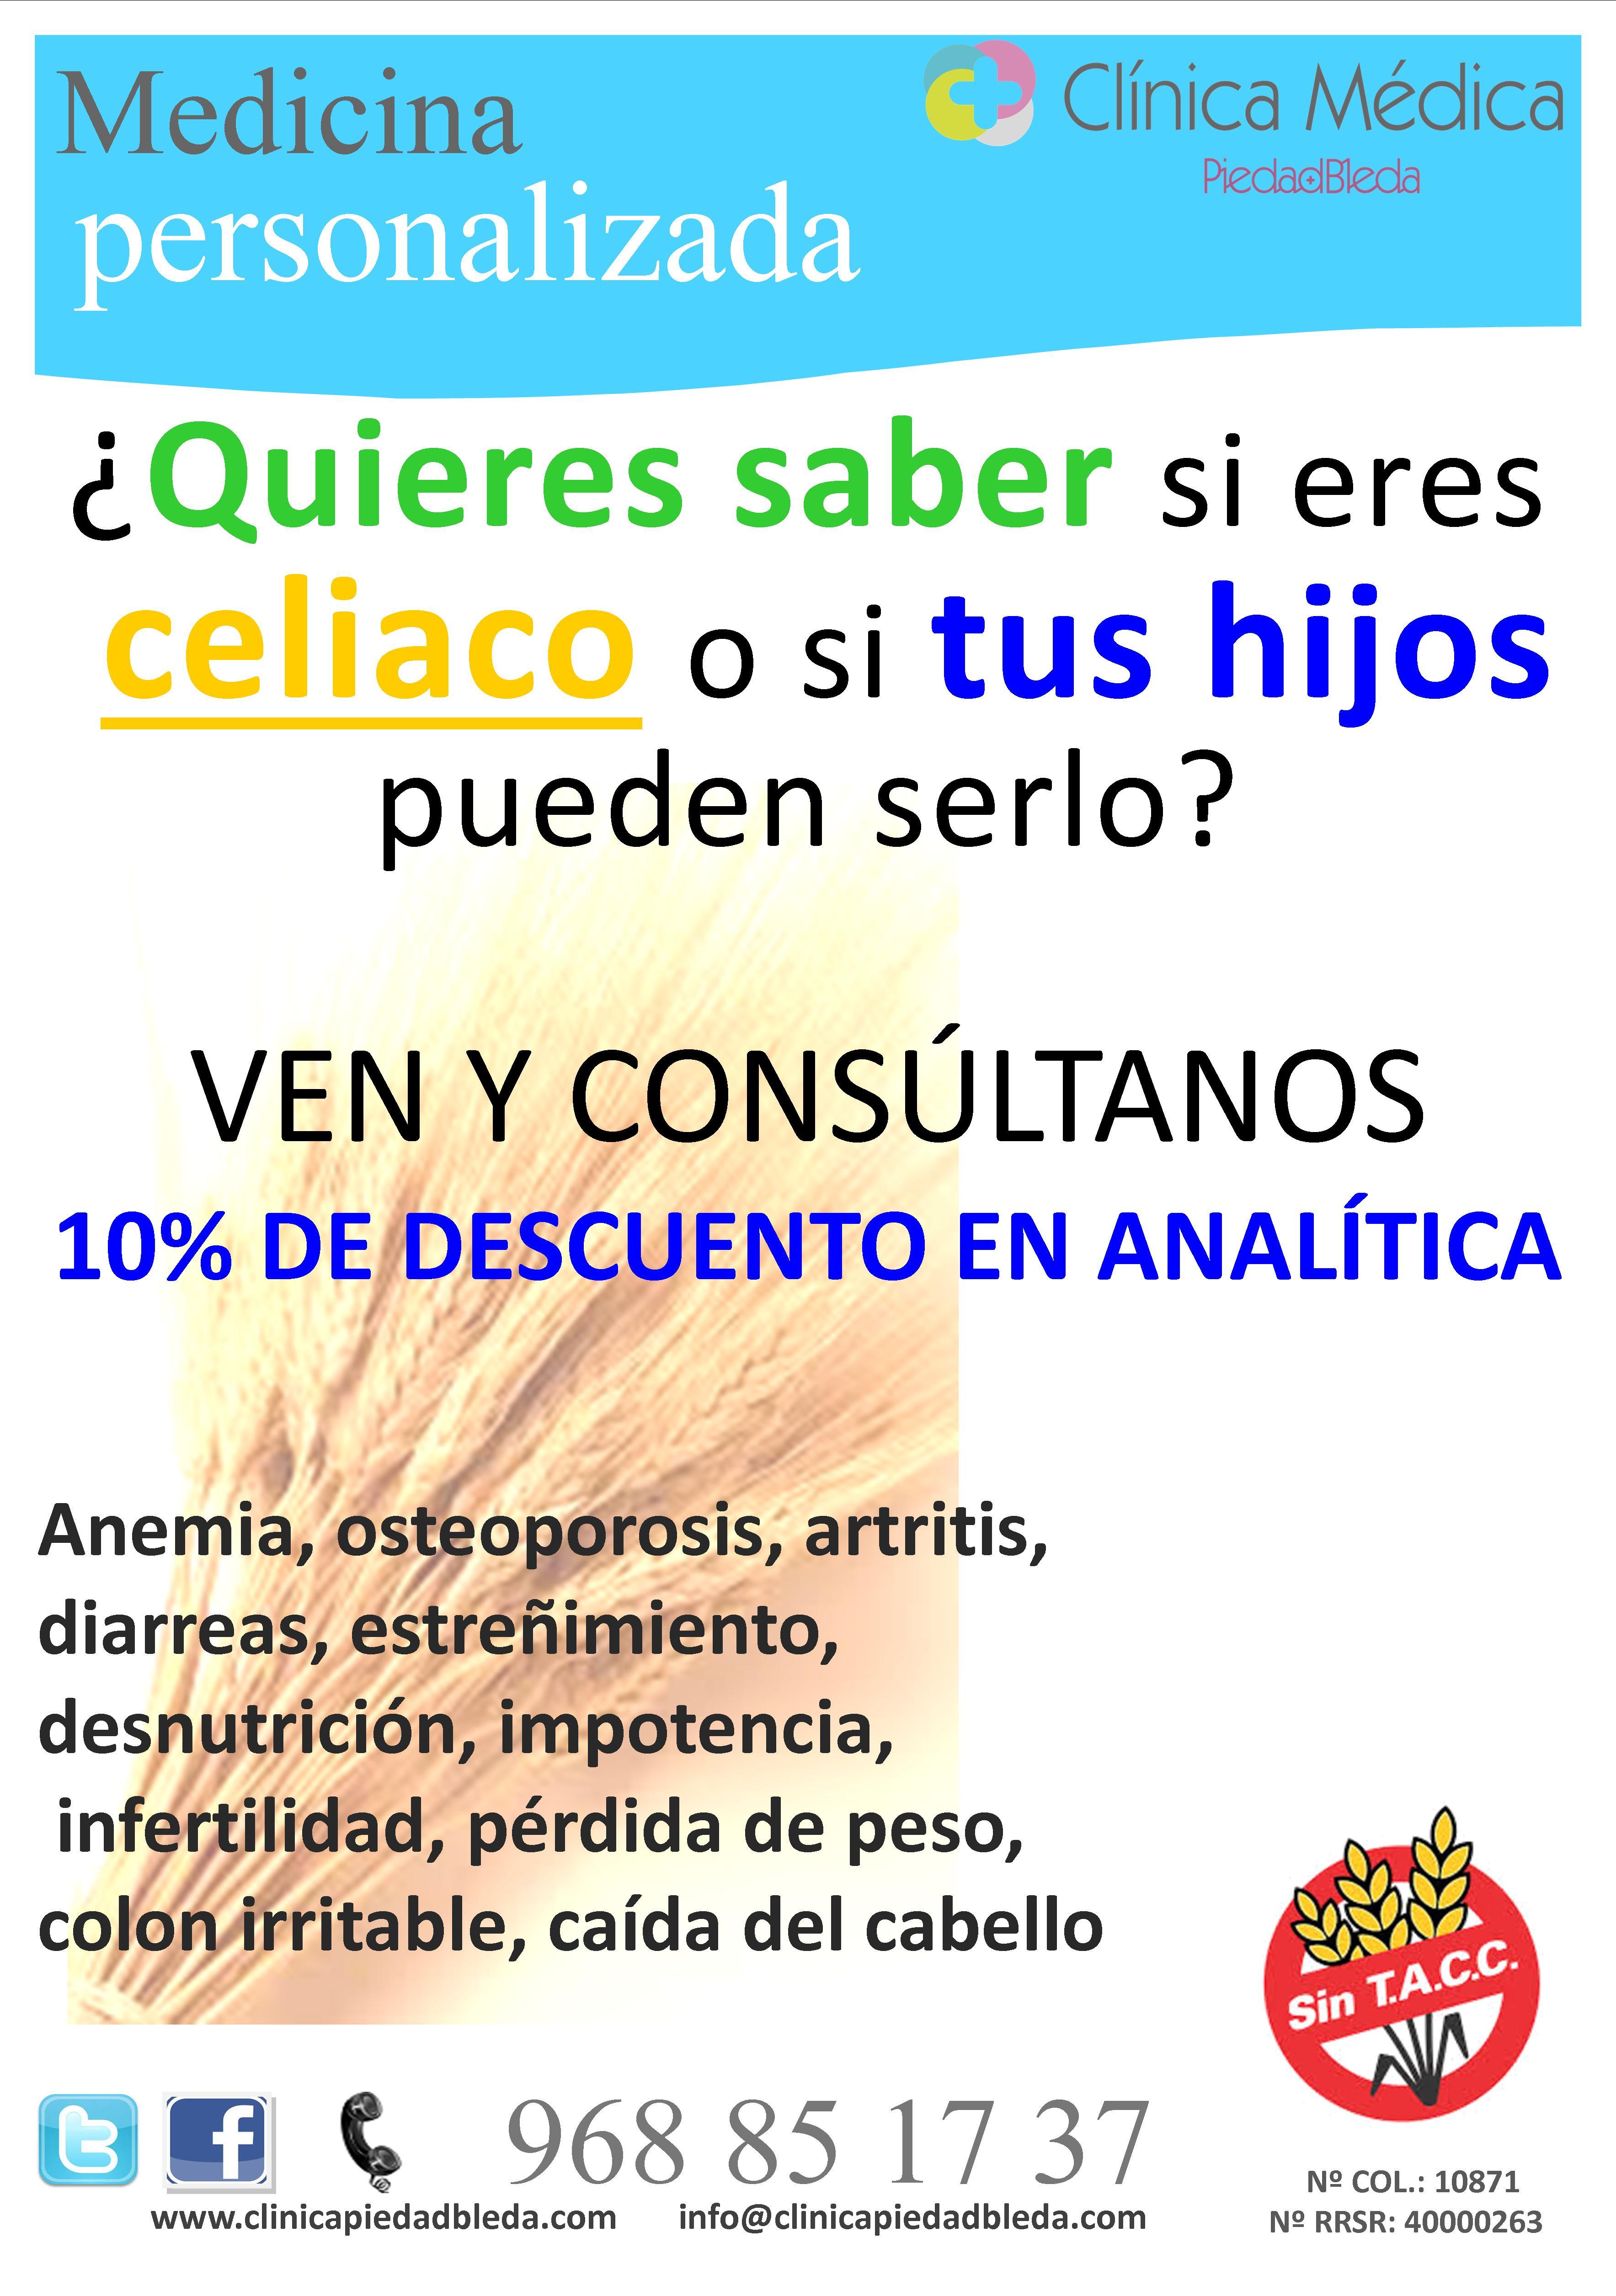 analitica celiaco en clinica Piedad Bleda